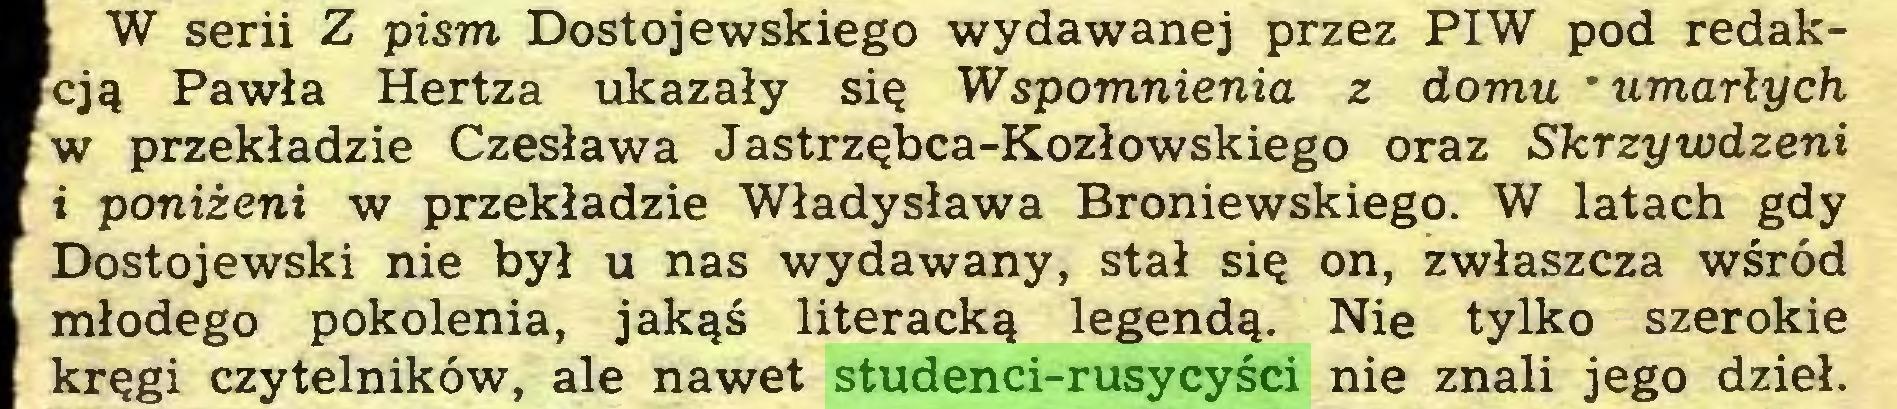 (...) W serii Z pism Dostojewskiego wydawanej przez PIW pod redakcją Pawła Hertza ukazały się Wspomnienia z domu * umarłych w przekładzie Czesława Jastrzębca-Kozłowskiego oraz Skrzywdzeni i poniżeni w przekładzie Władysława Broniewskiego. W latach gdy Dostojewski nie był u nas wydawany, stał się on, zwłaszcza wśród młodego pokolenia, jakąś literacką legendą. Nie tylko szerokie kręgi czytelników, ale nawet studenci-rusycyści nie znali jego dzieł...